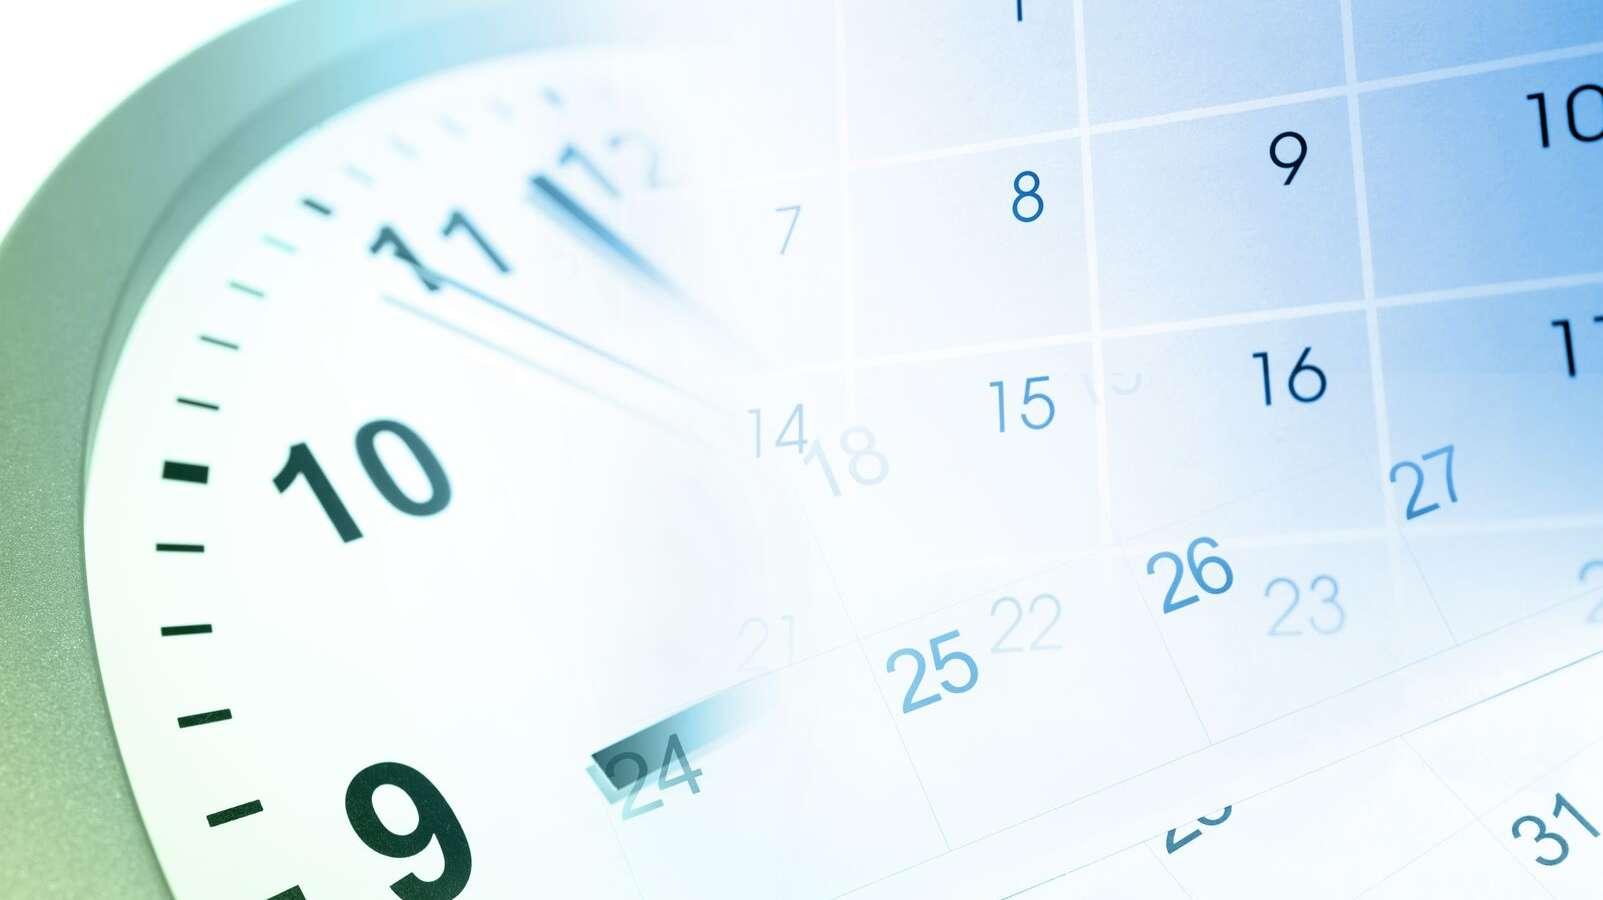 Der linke obere Teil eines Ziffernblatts und ein Ausschnitt aus einem Kalender übereinander